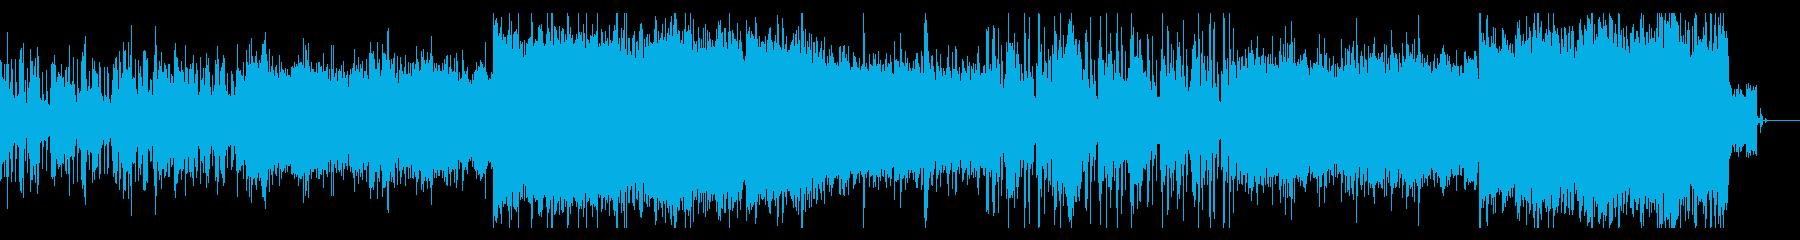 サイバネティックなSFシネマティック曲の再生済みの波形